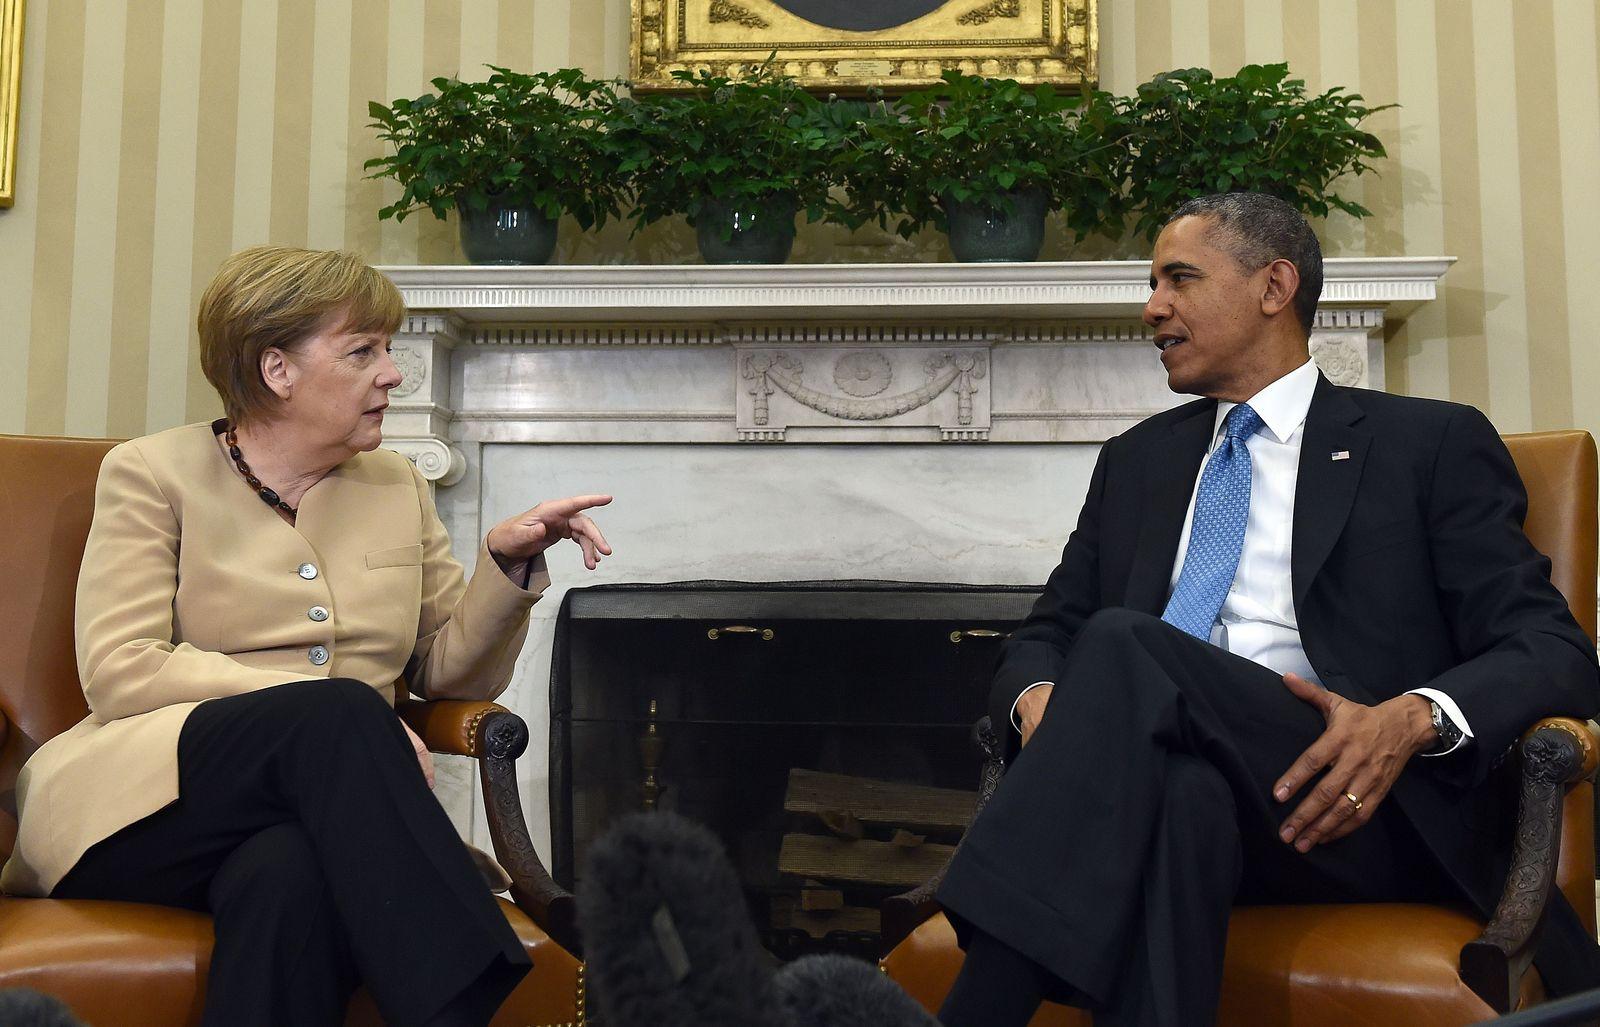 US-GERMANY-OBAMA-MERKEL